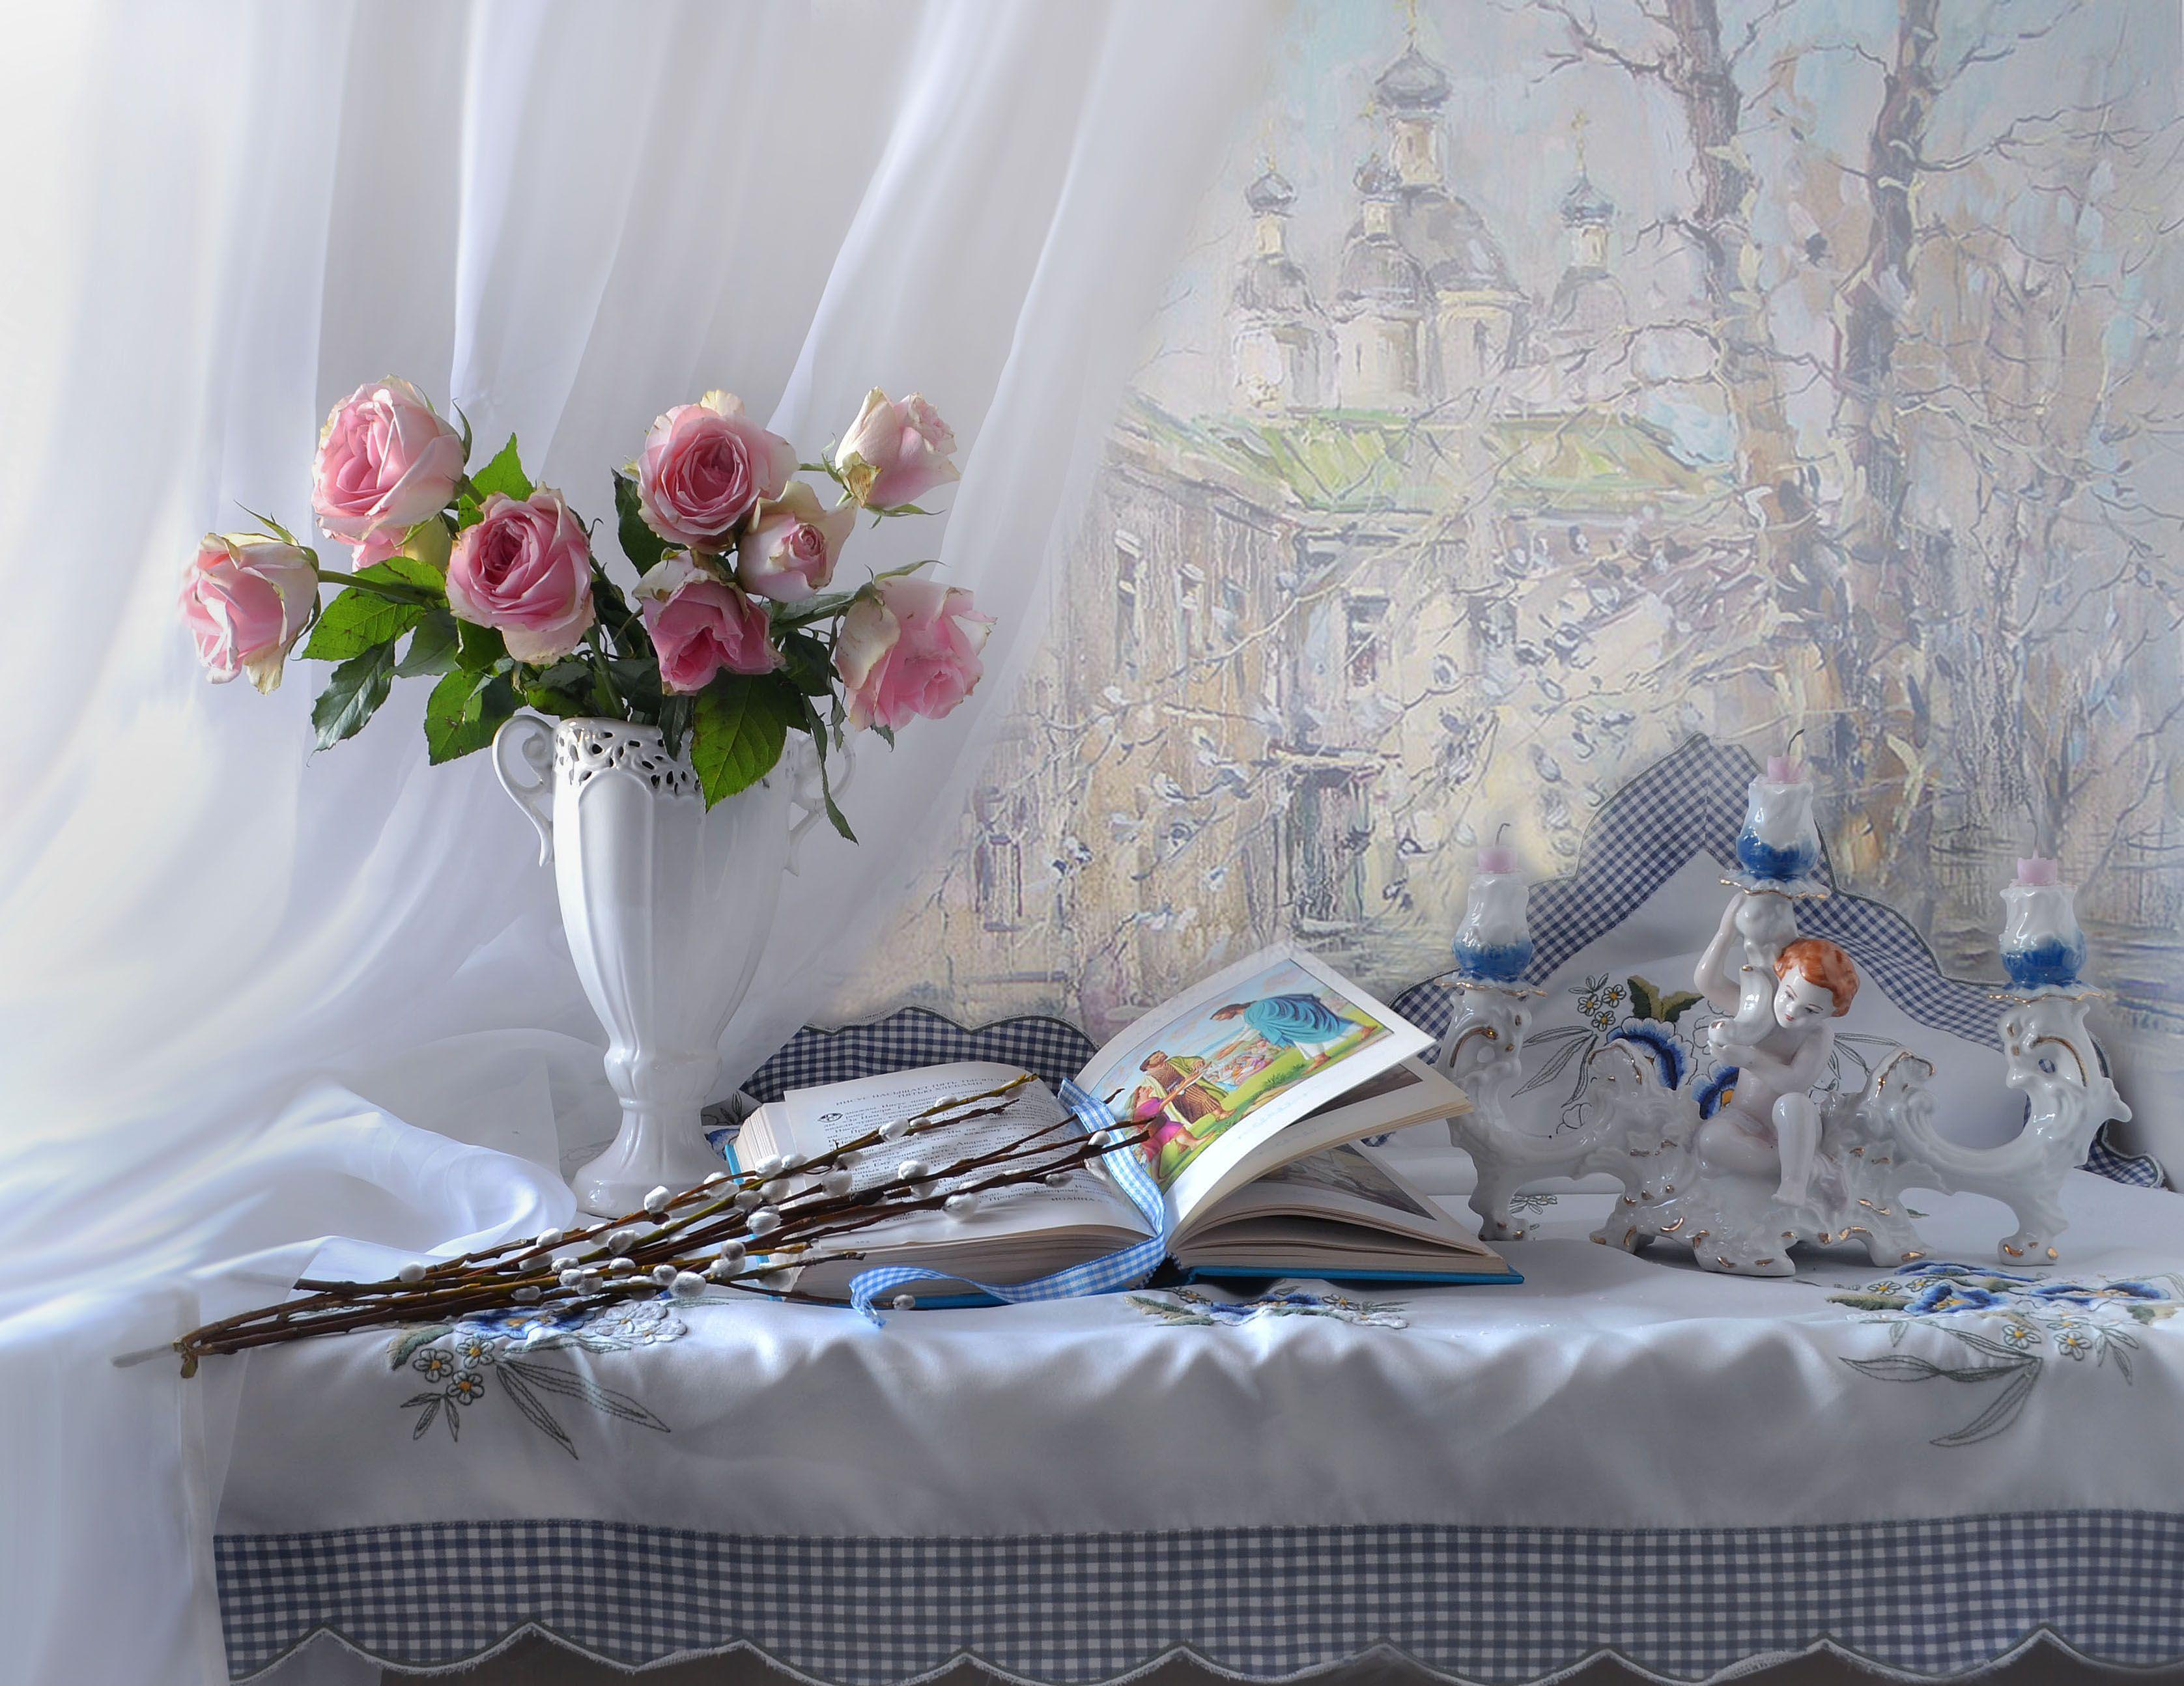 still life, натюрморт,библия, верба, вербное воскресение, весна, подсвечник, праздник, розы, фарфор, апрель,цветы, фото натюрморт, Колова Валентина